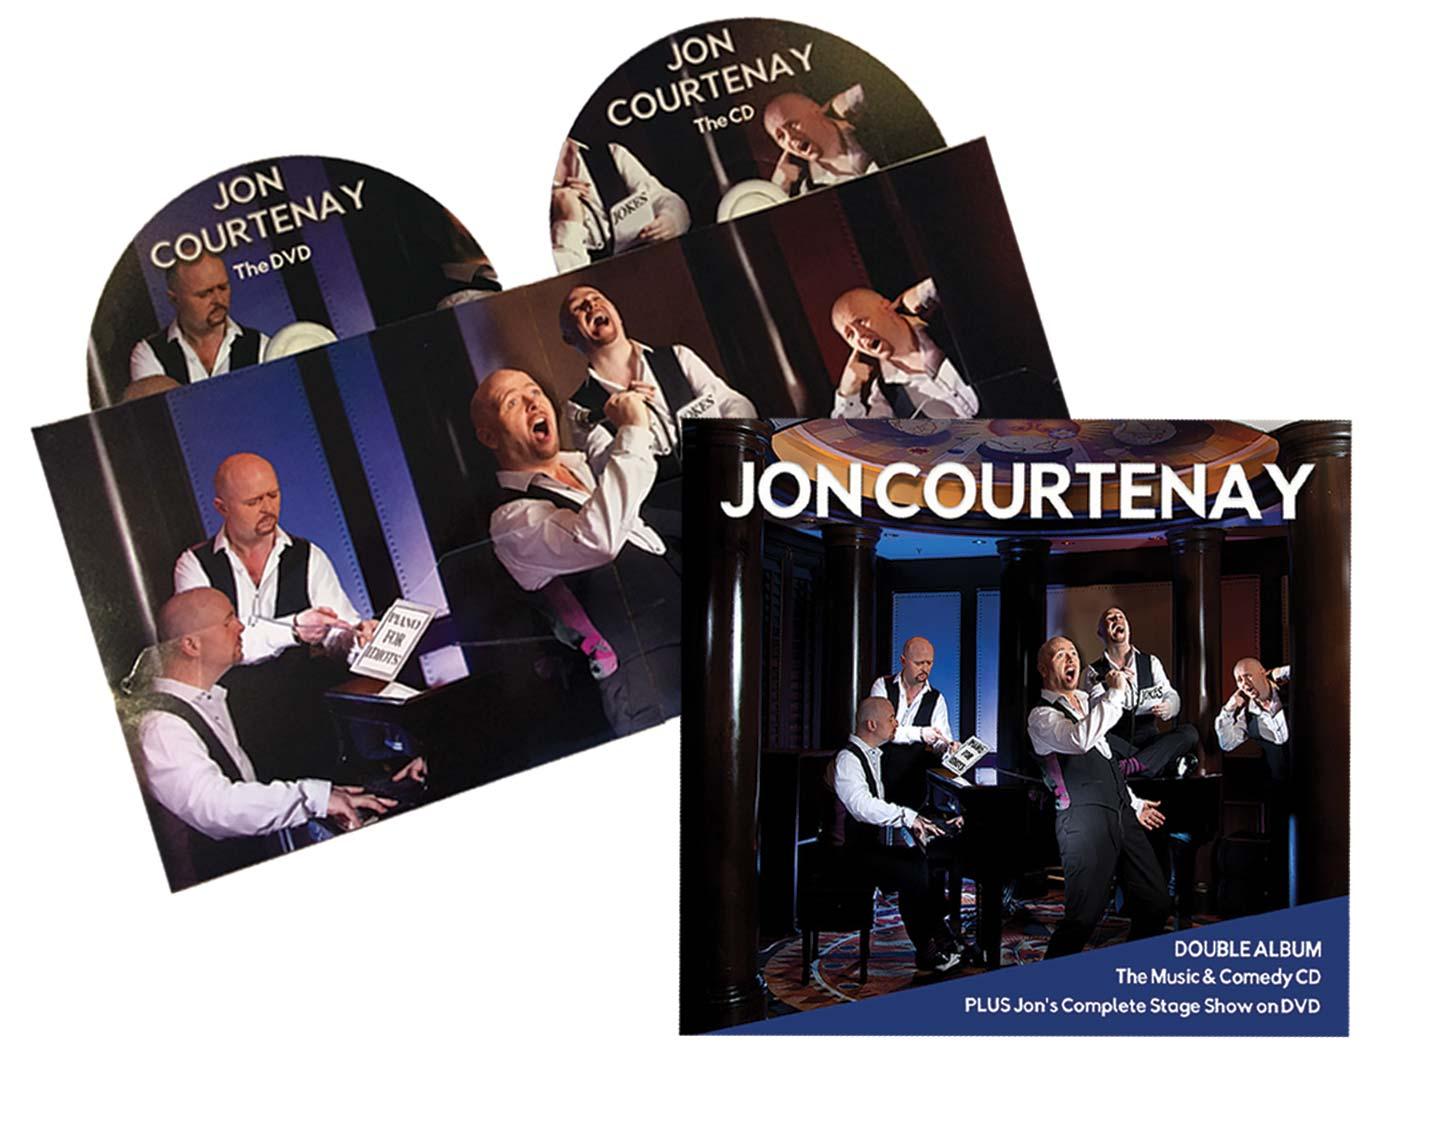 BUY Jon Courtenay double album